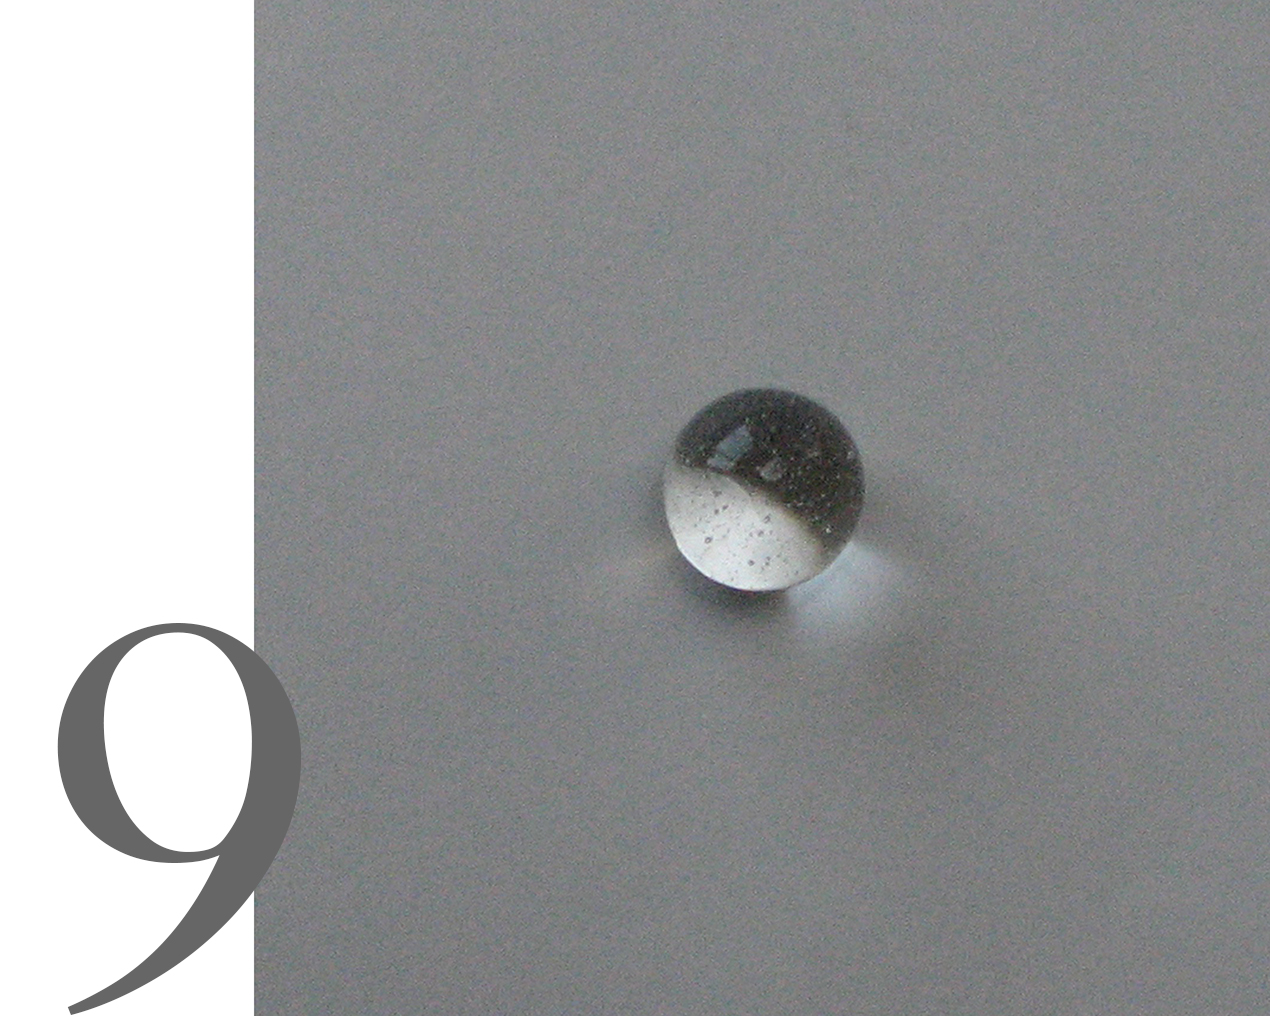 image o crystal ball